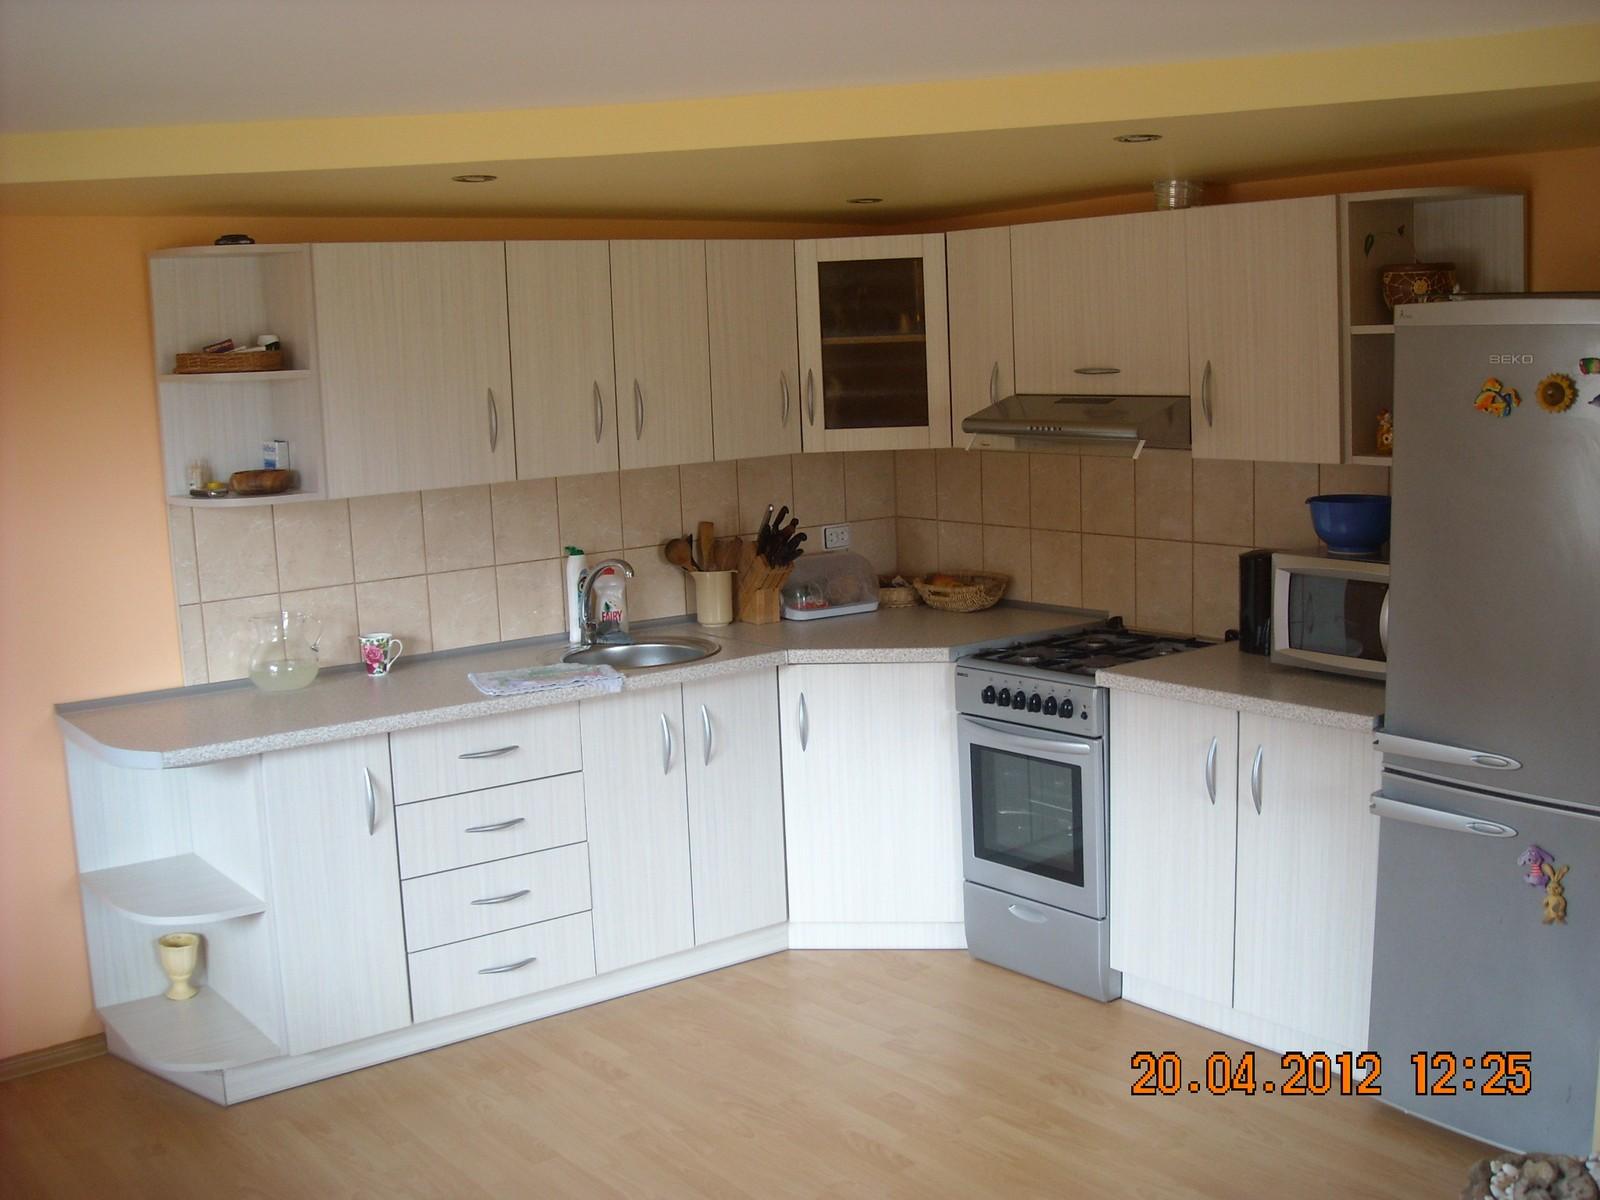 Virtuves baldai prymant